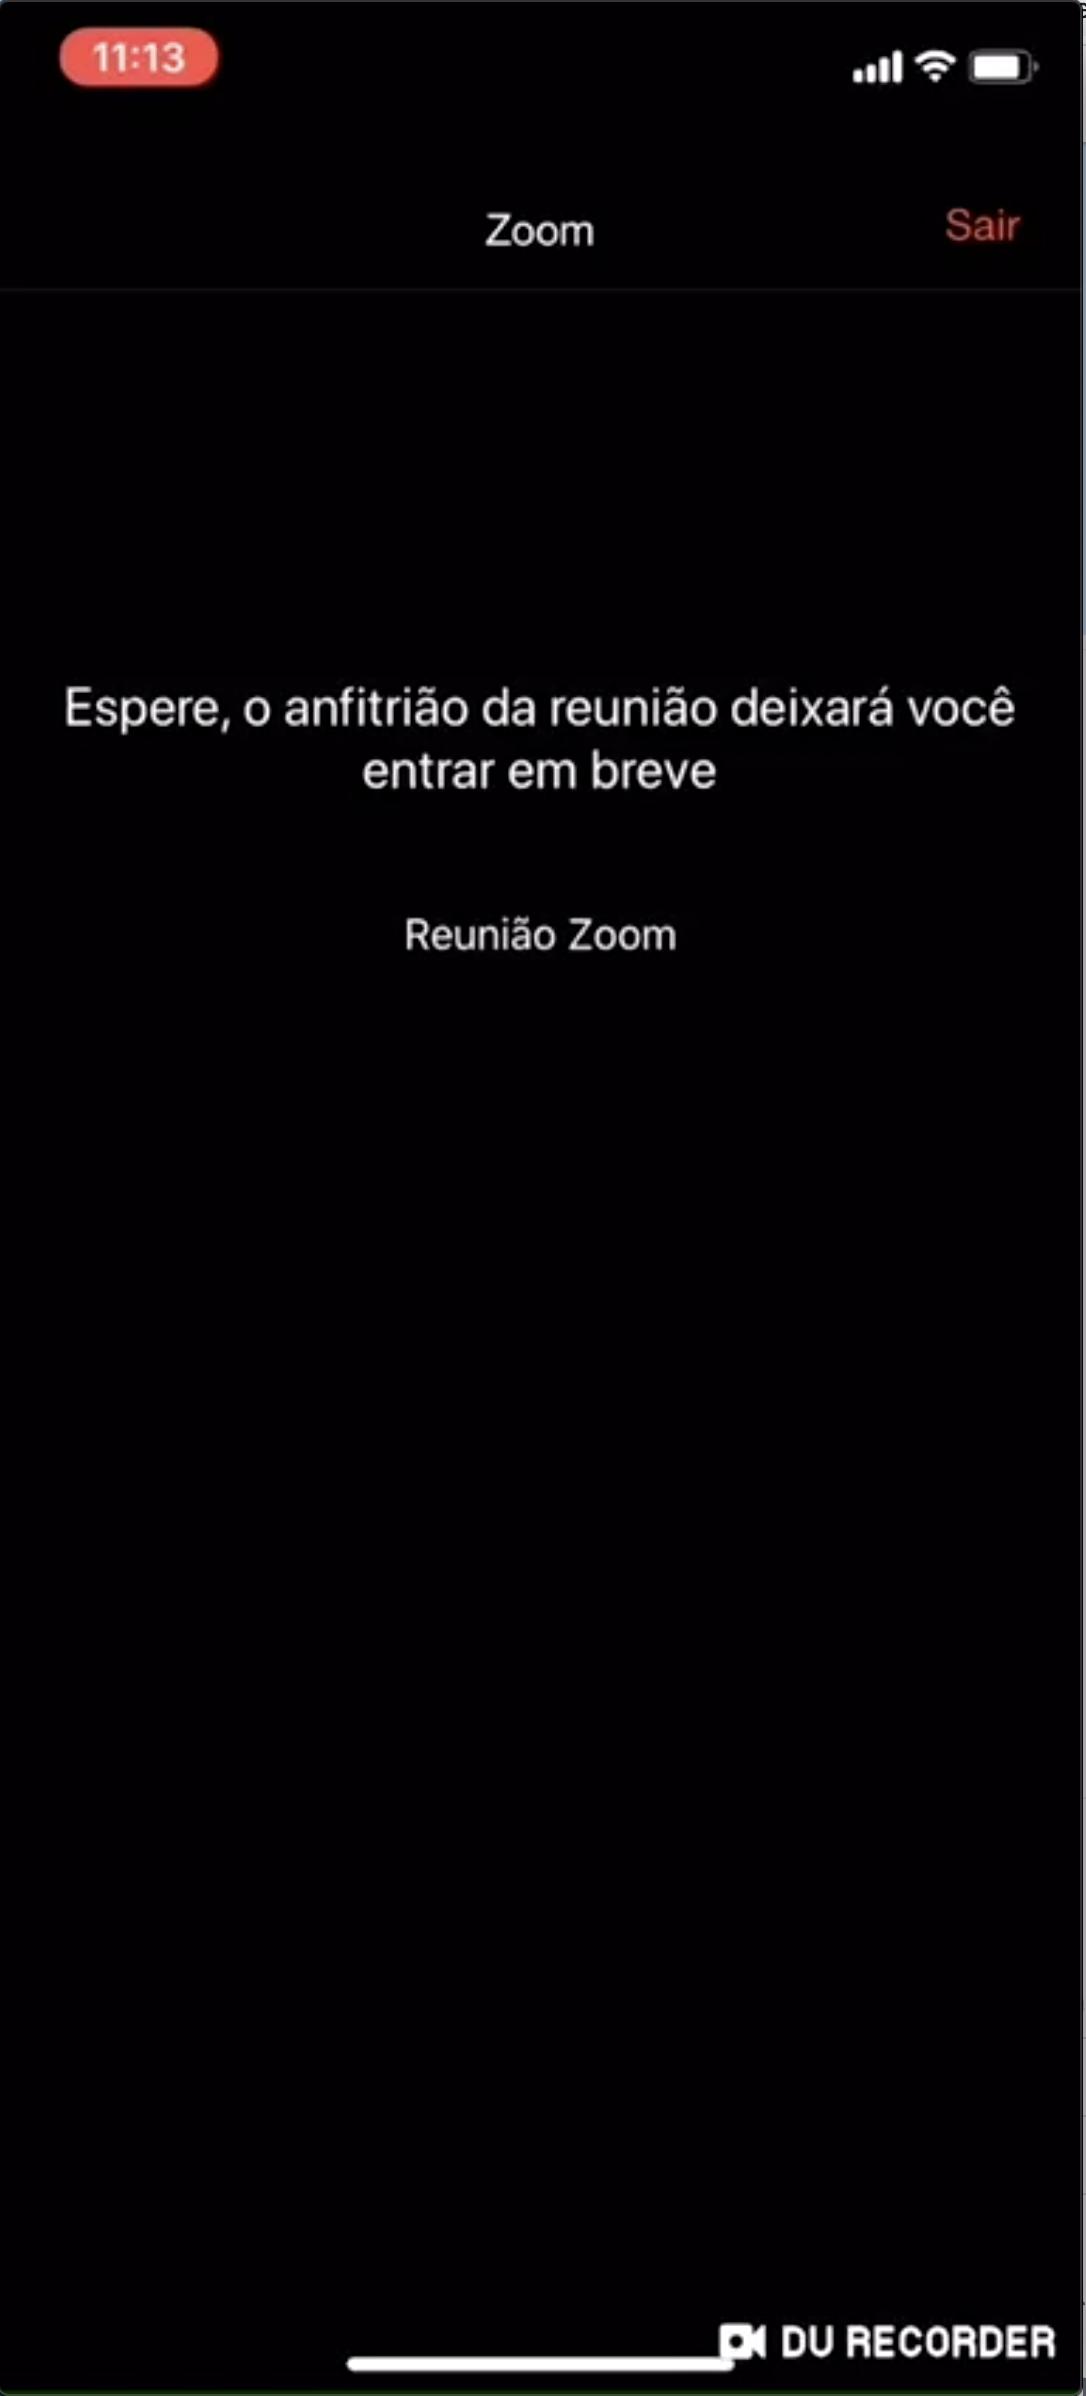 Imagem sala de espera do Zoom pelo celular